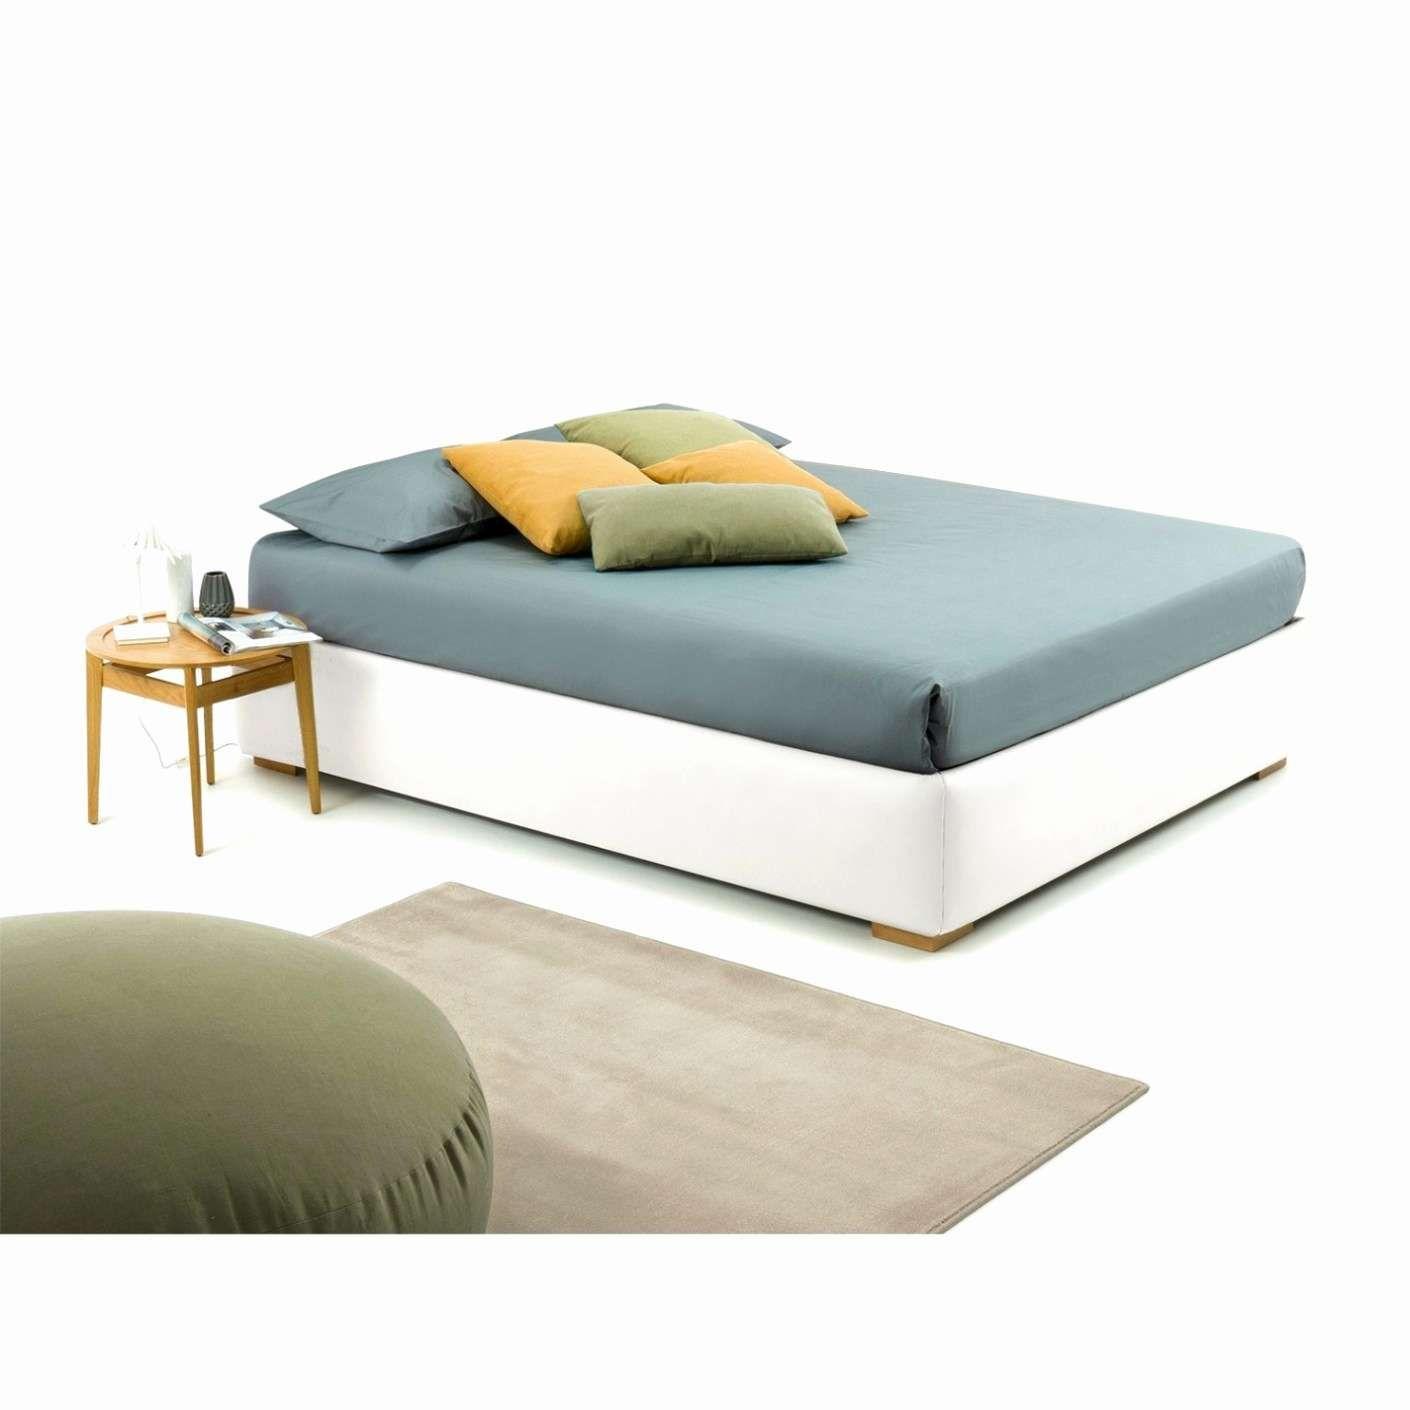 Bett Schwarz Metall Kopfteil Bett Schon Schon Lounge Bett 0d Archives Zum Bettgestell In 2020 Bed Furniture Futon